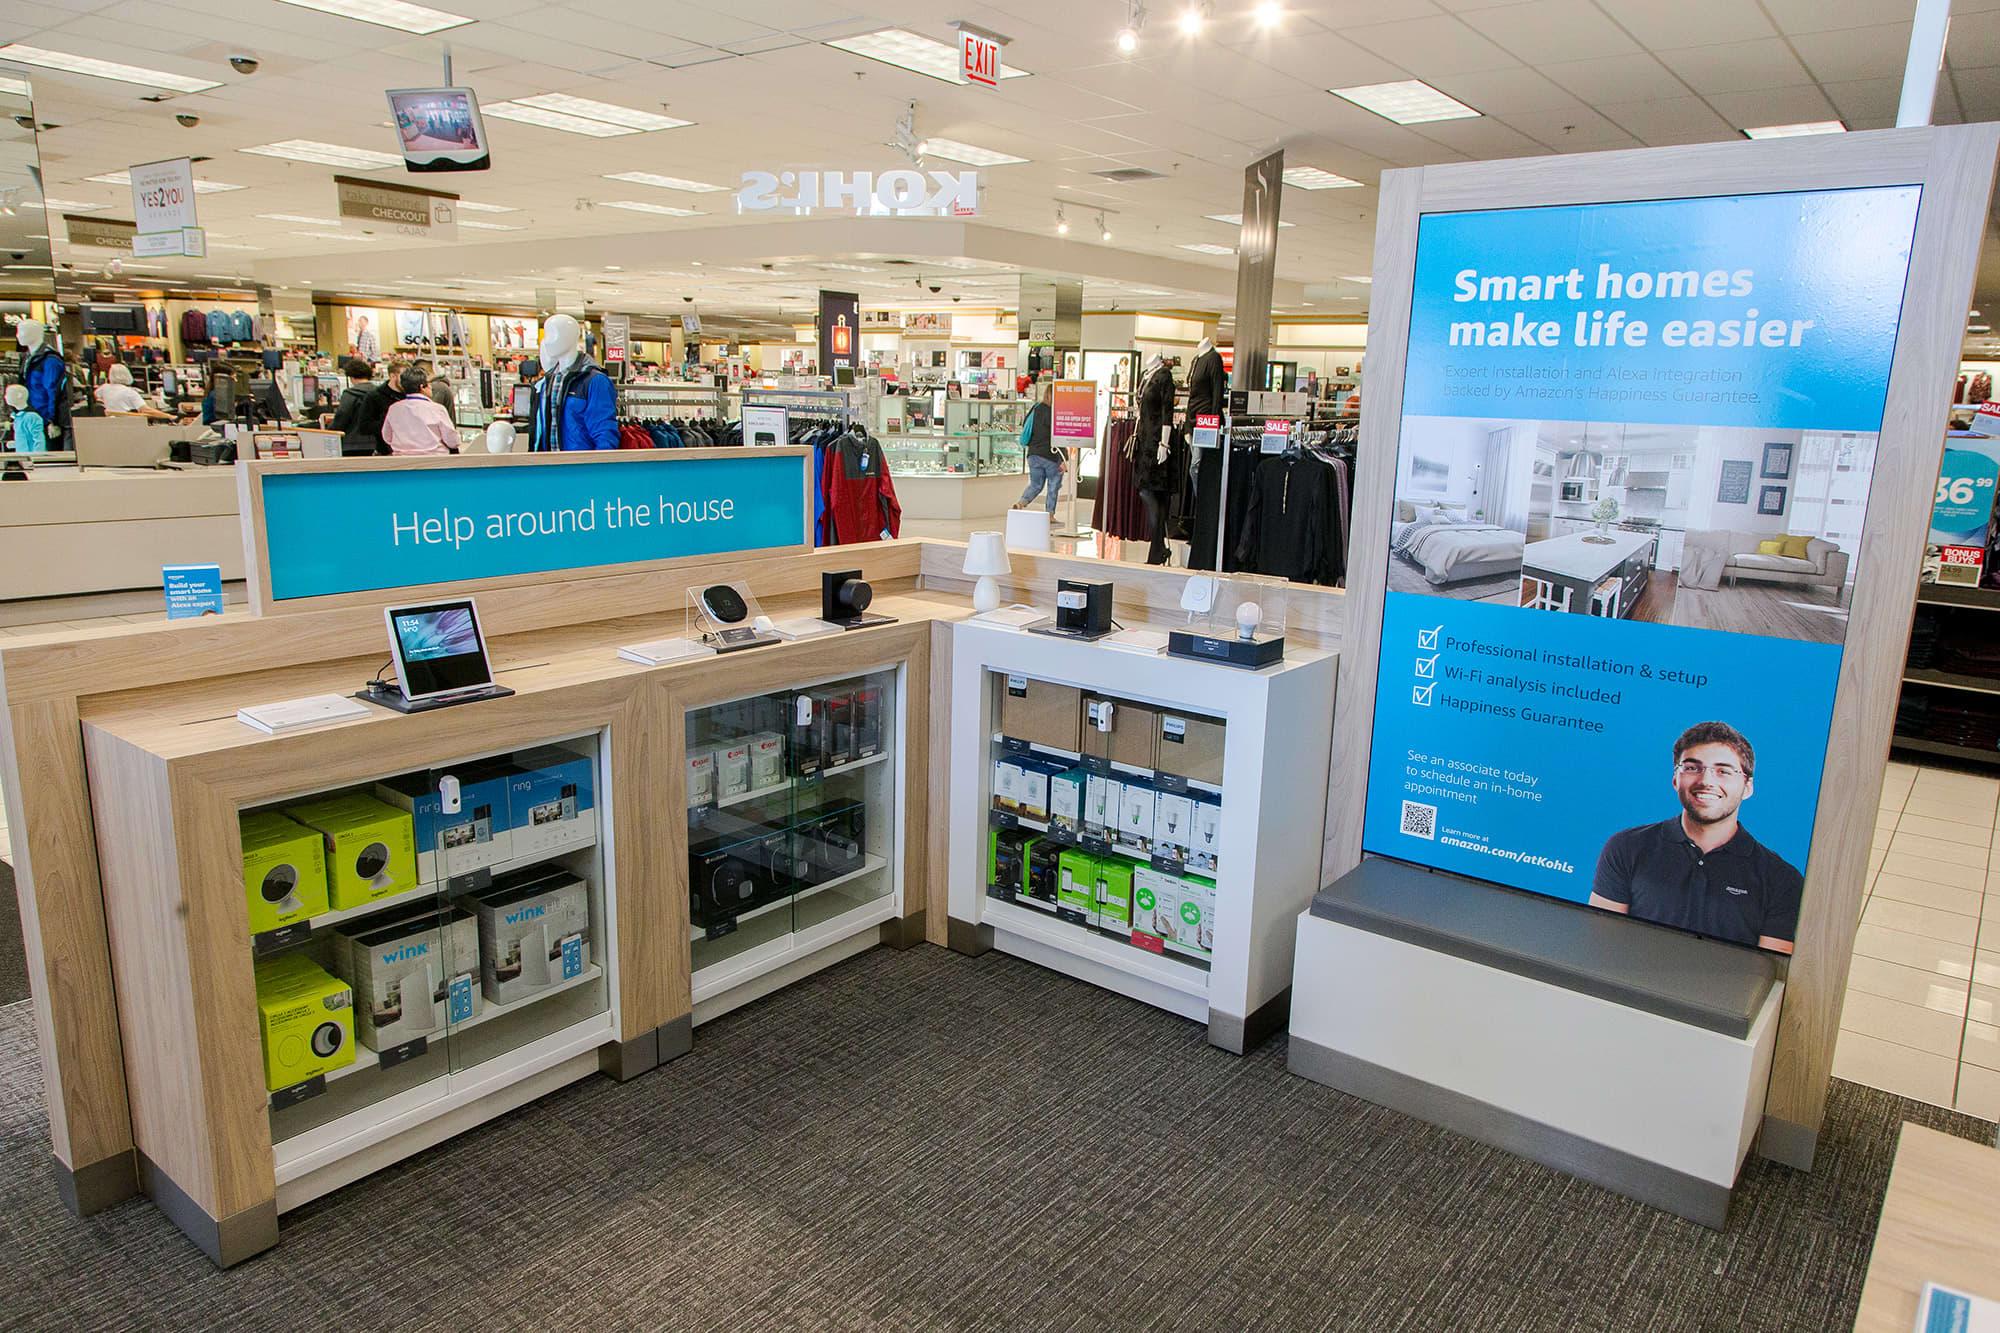 Kohls Earnings Miss Estimates Sending The Retailers Shares Lower